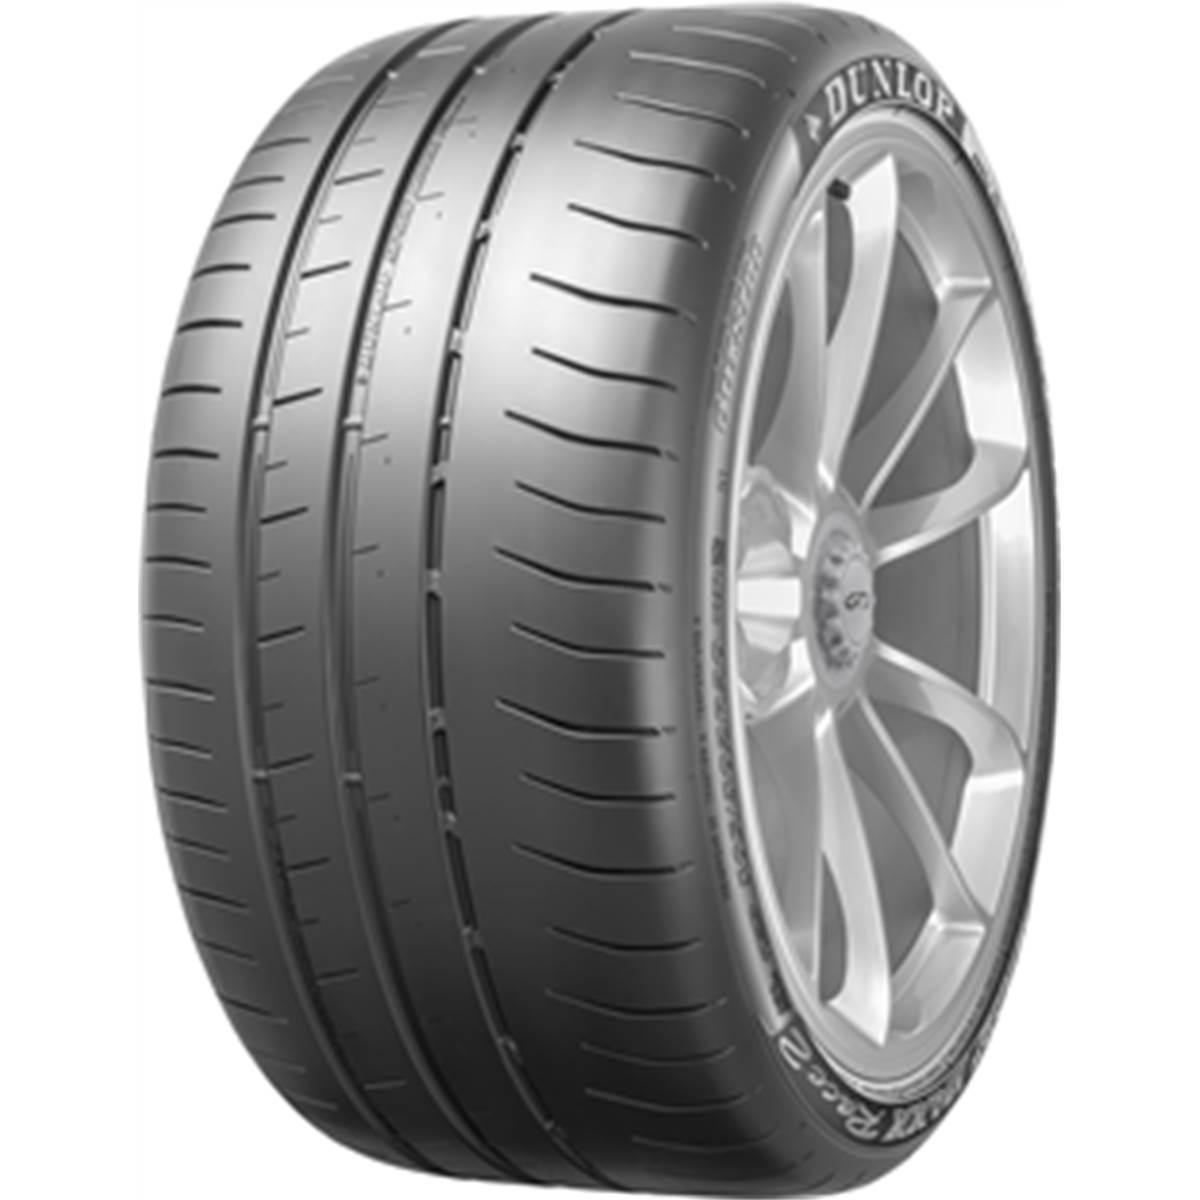 Pneu DUNLOP 295/30R20 101Y SPORT MAXX RACE 2 N1 XL